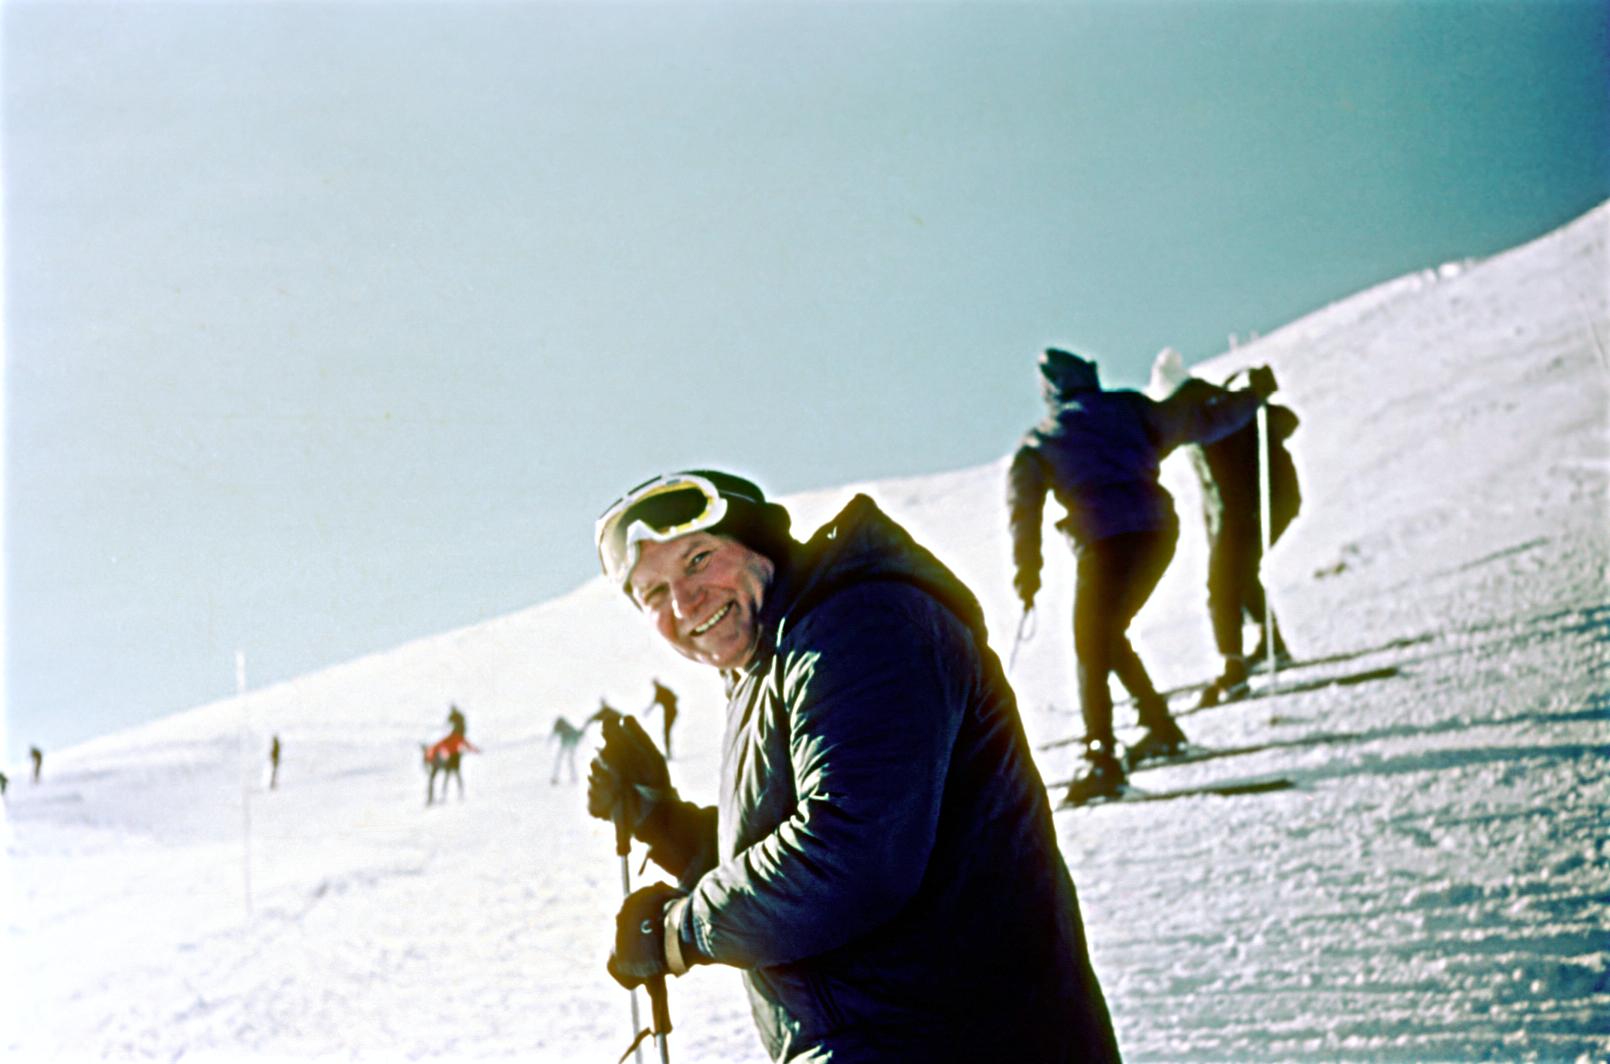 Jan Paweł II na nartach na Kasprowym Wierchu. Fot. Archiwum Rodzinne Kazimierza Urbańczyka